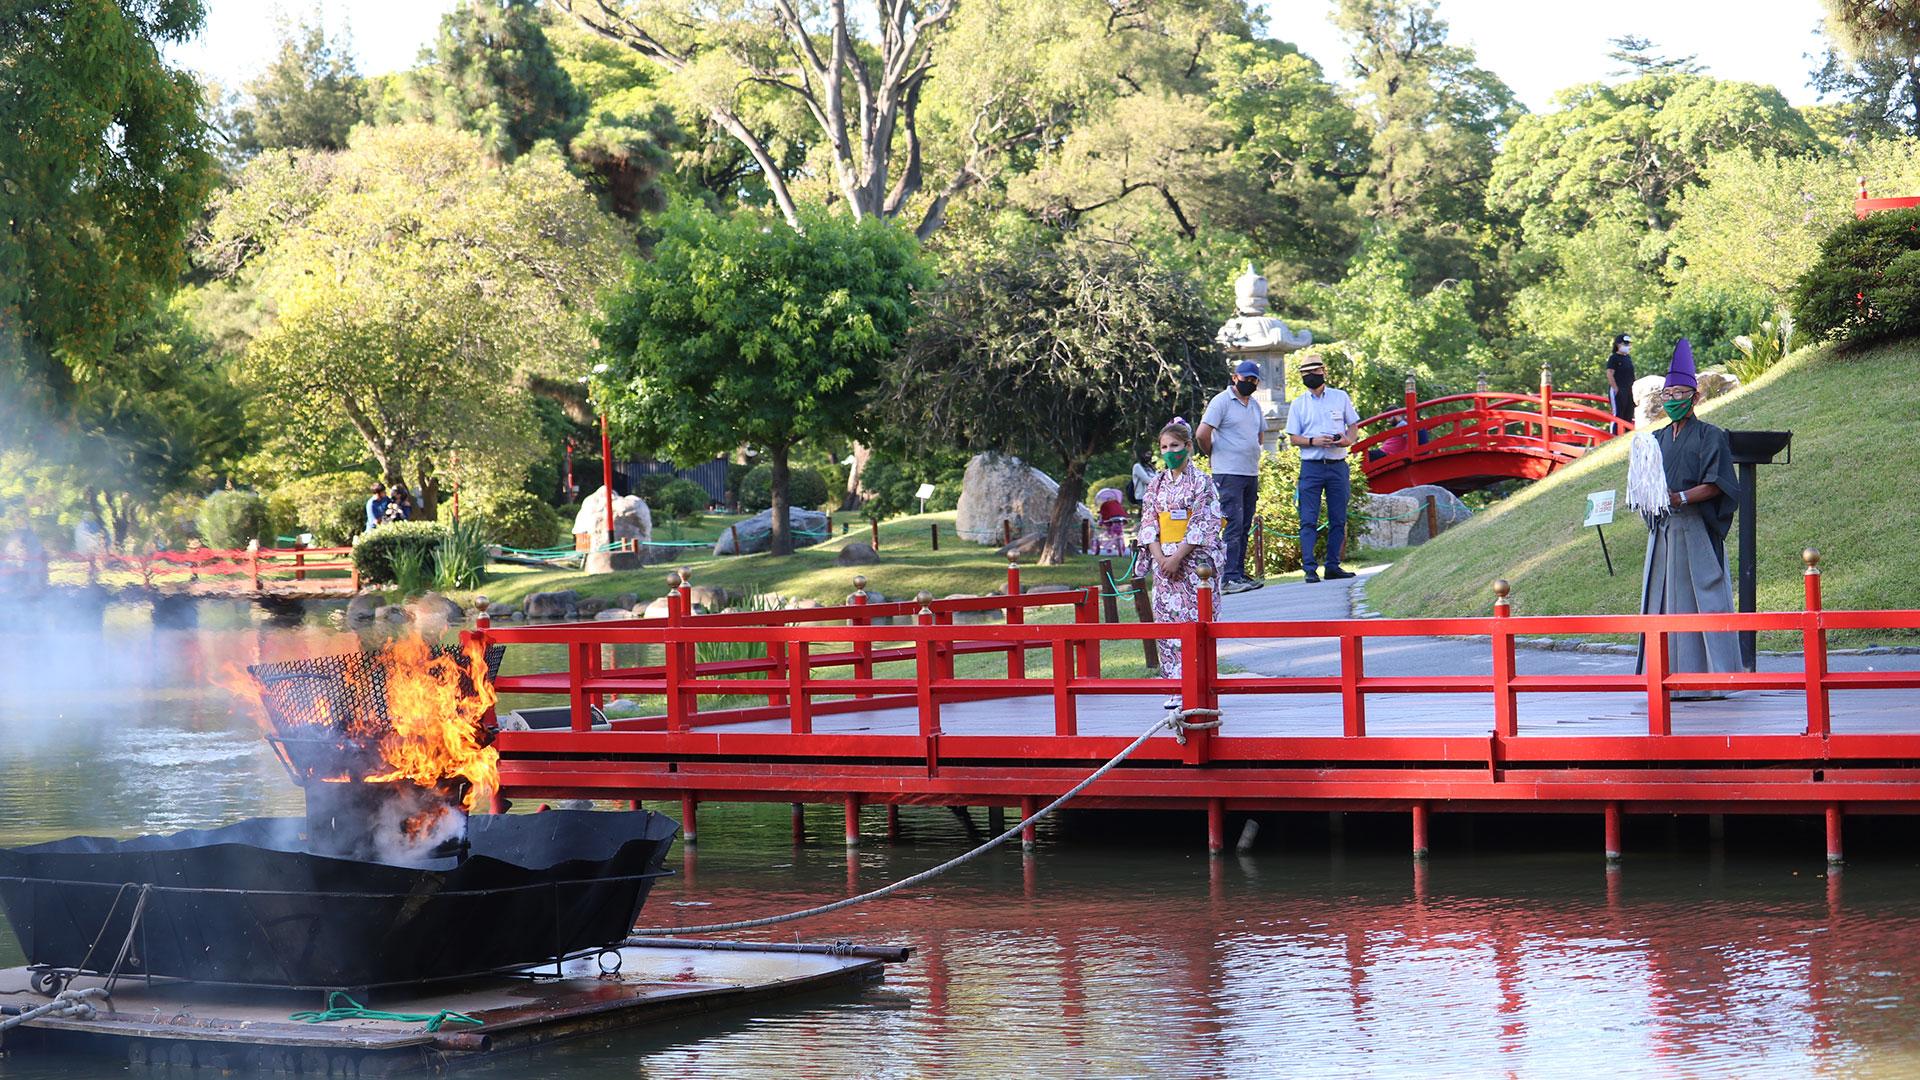 En el Jardín Japonés y con un ritual especial se llevó a cabo la quema de Darumas. El sábado 26 tendrá lugar la última ceremonia. Se ingresa por Av. Casares y Figueroa Alcorta y la entrada cuesta 220 pesos. (Gentileza Jardín Japonés)